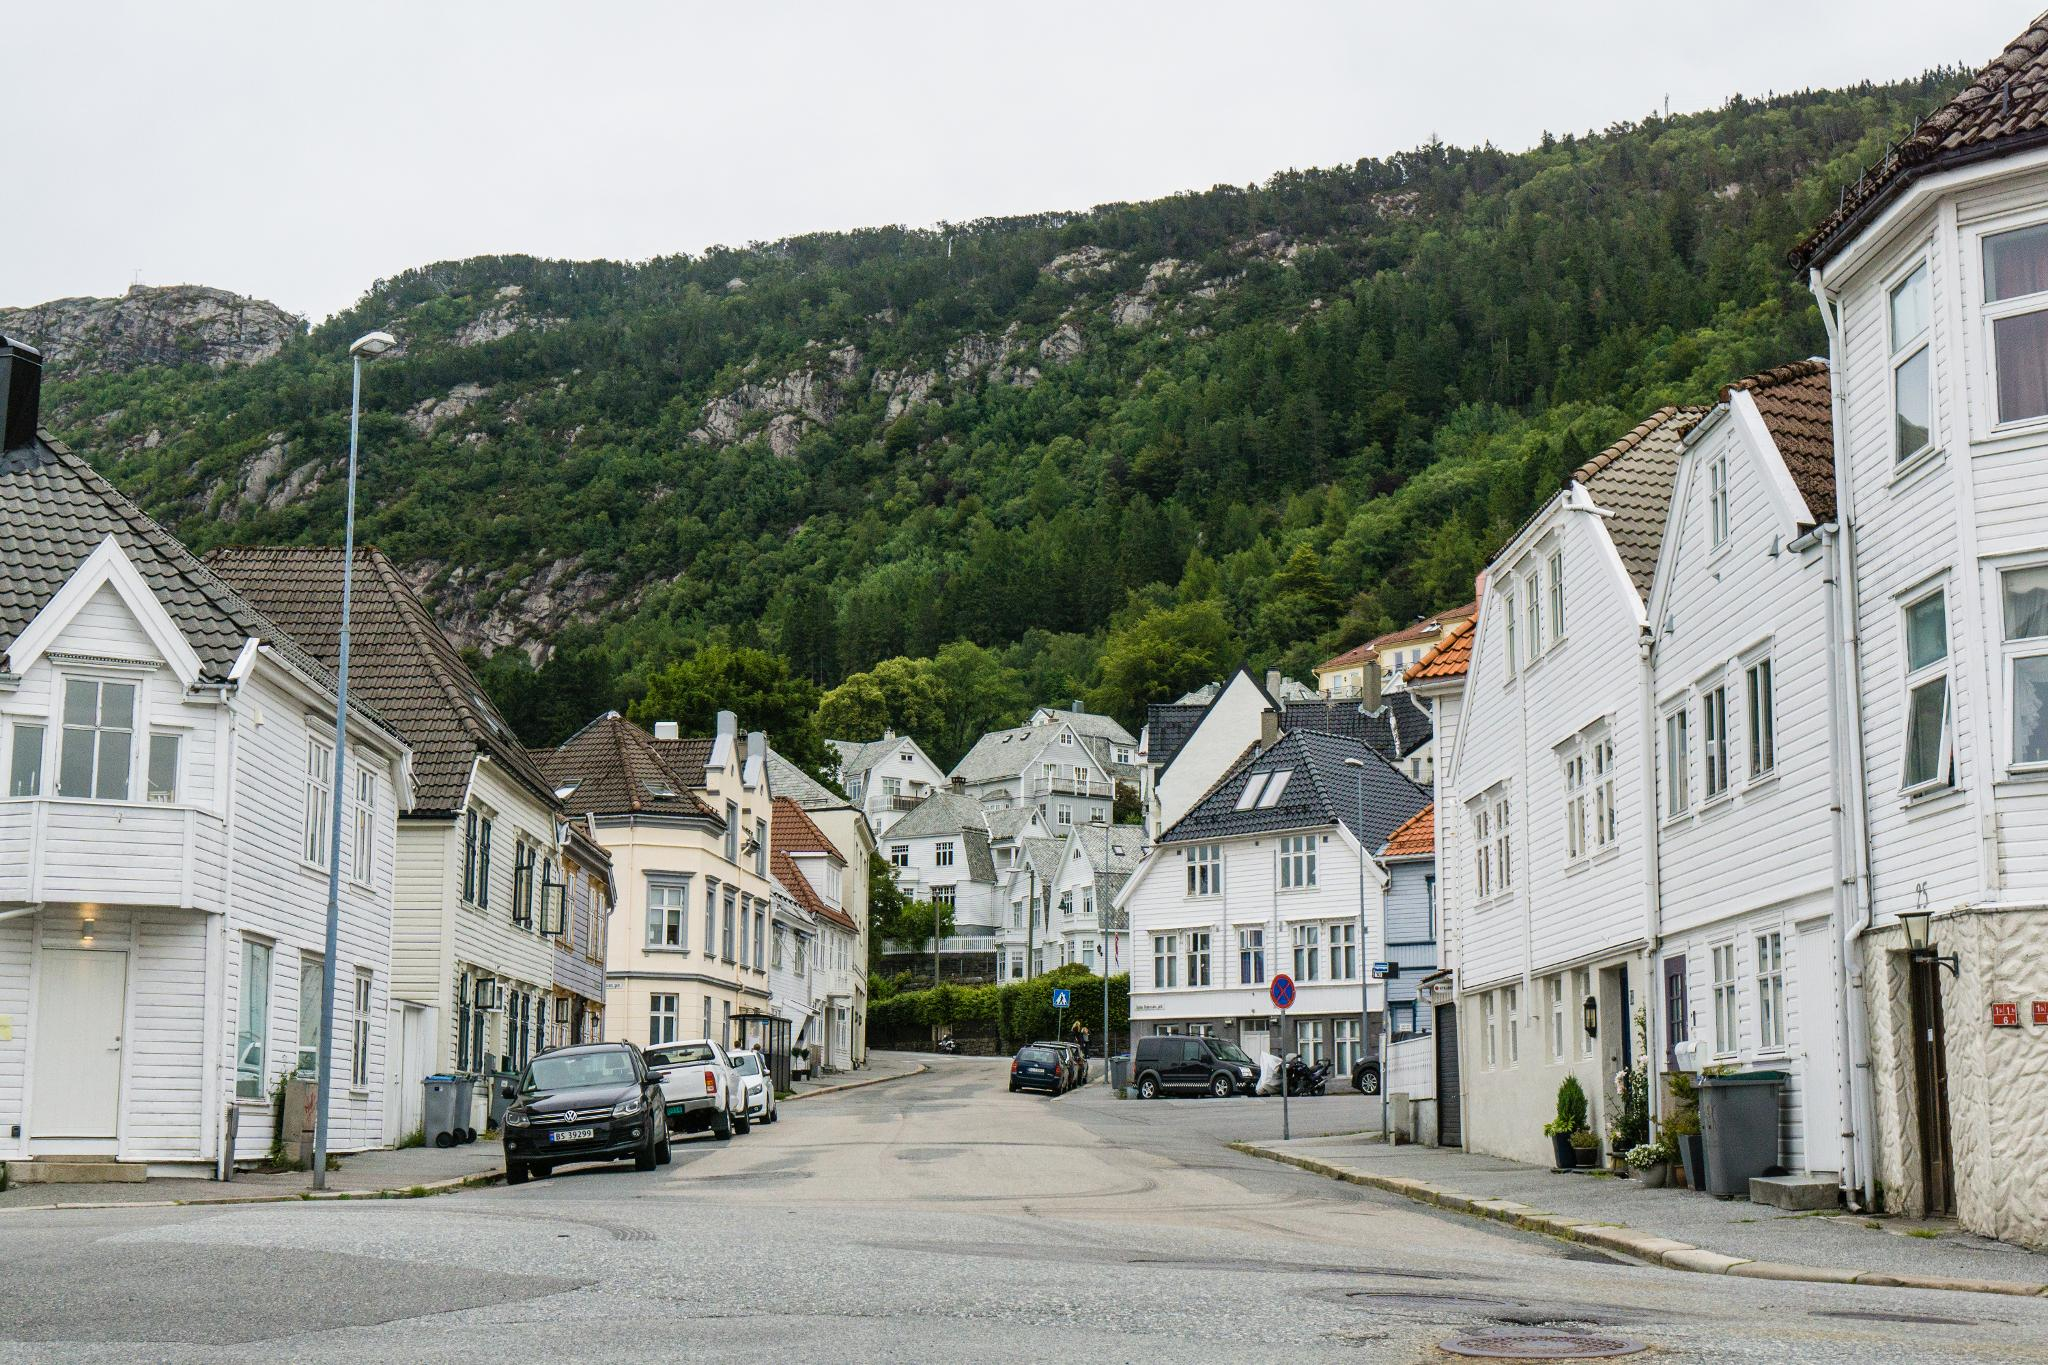 【卑爾根】旅行隨筆:走入卑爾根郊區的尋常百姓家 30